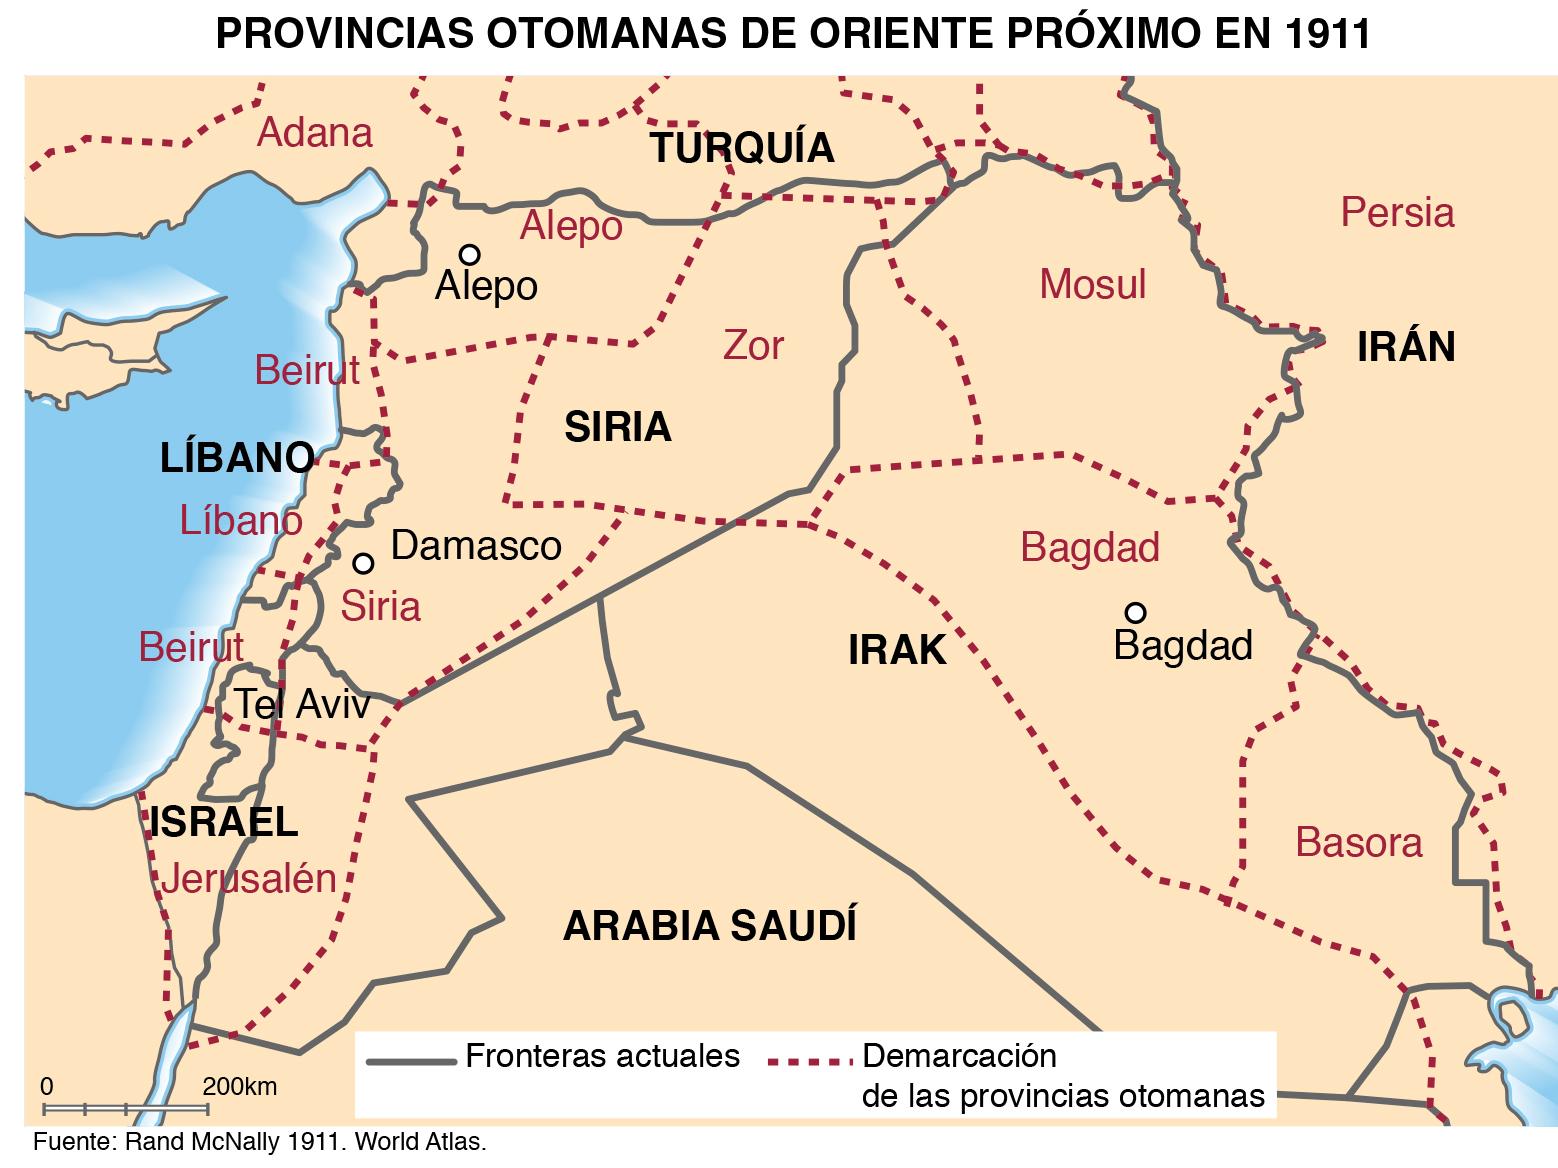 Del Acuerdo Sykes-Picot al Estado Islámico